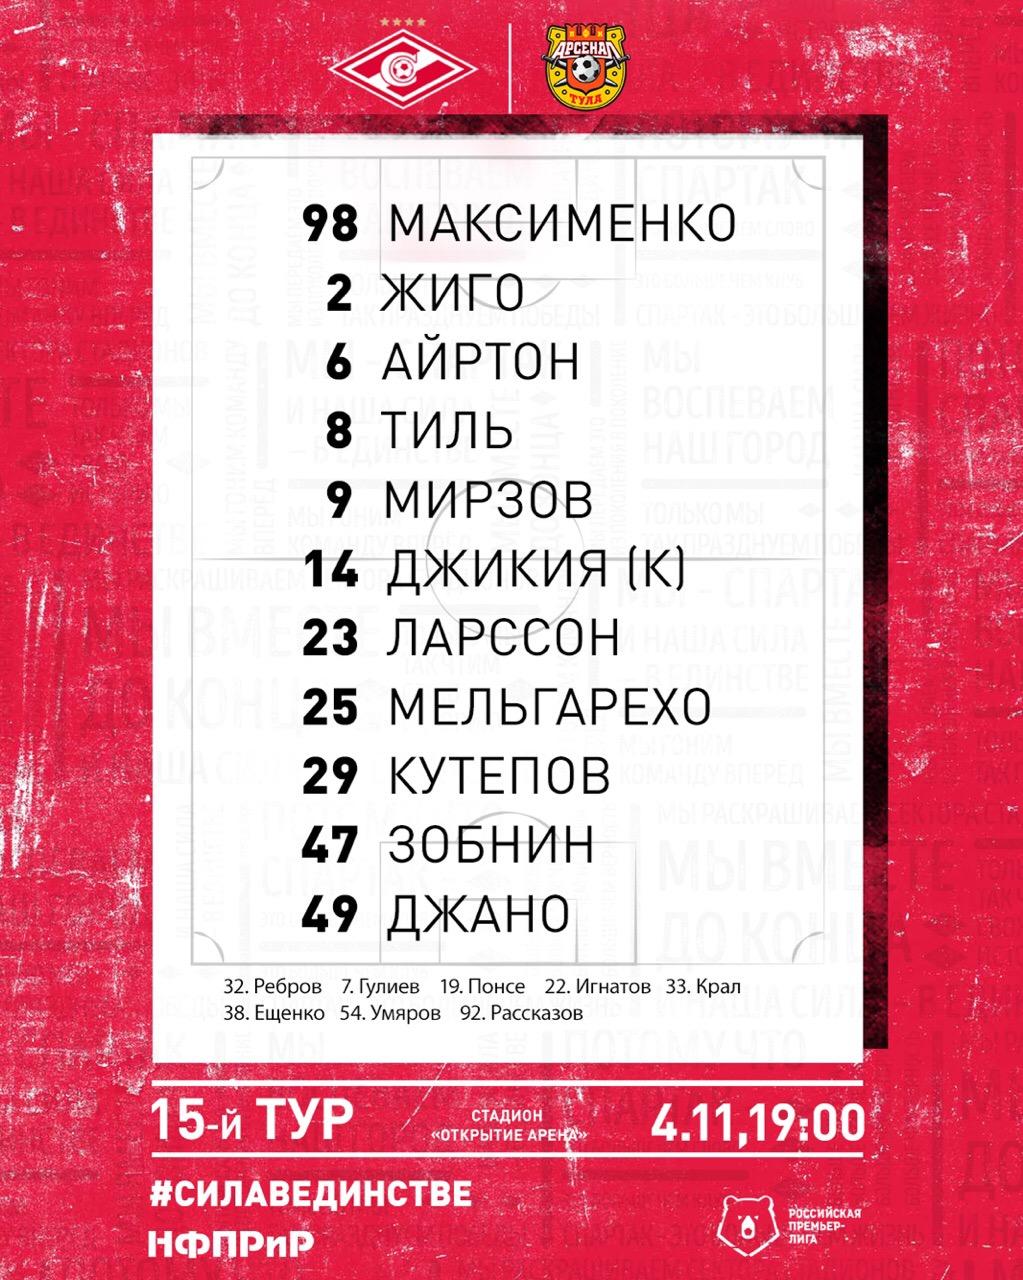 Состав «Спартака» на матч с «Арсеналом»